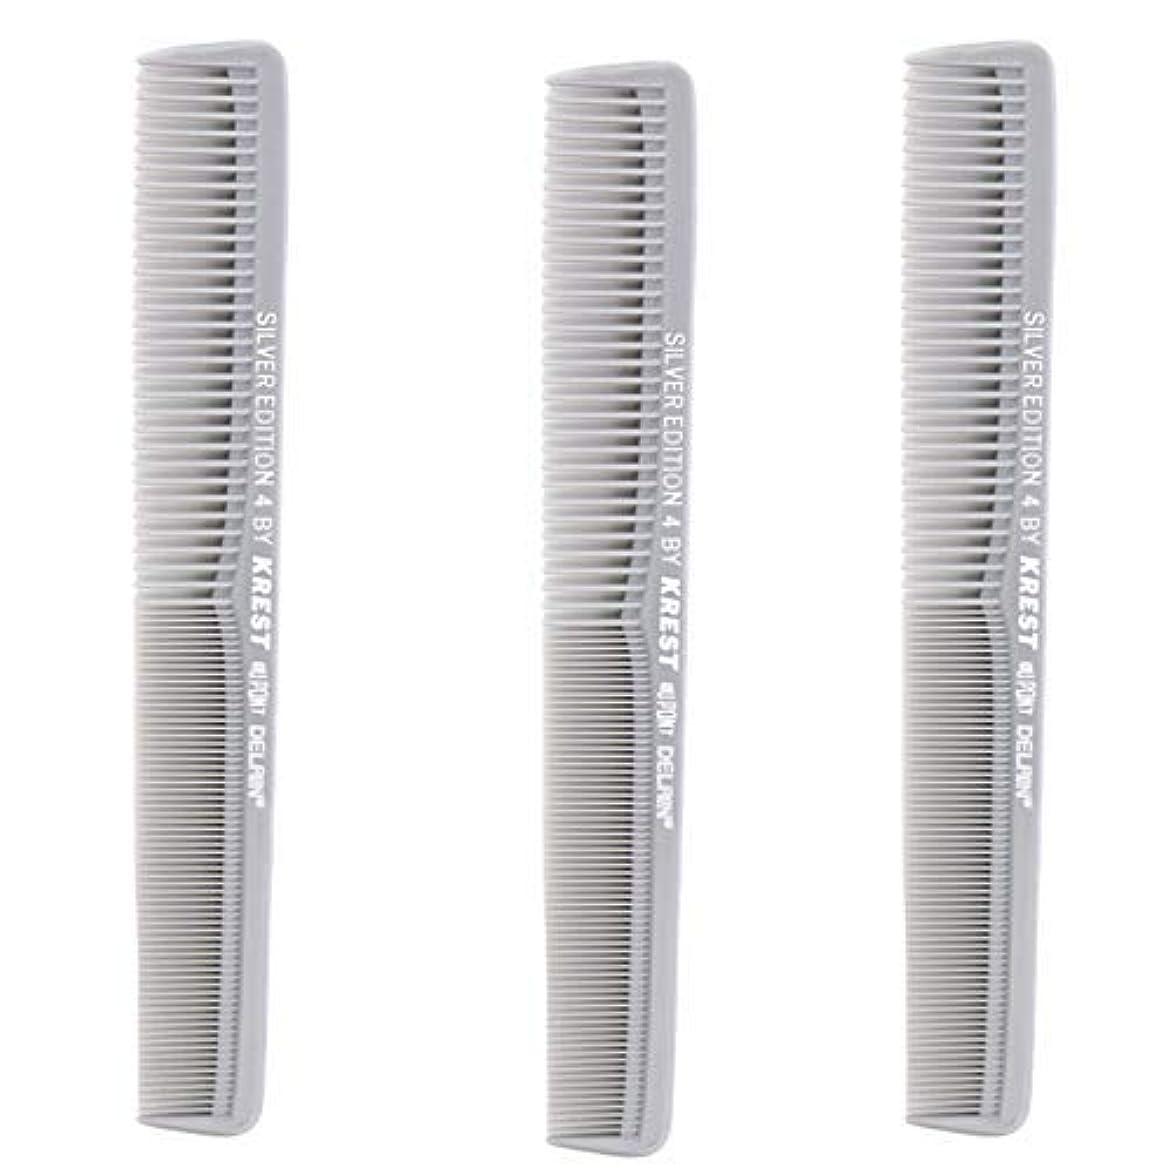 合わせて盲目ラグKrest Comb 7 In. Silver Edition Heat Resistant All Purpose Hair Comb Model #4 [並行輸入品]